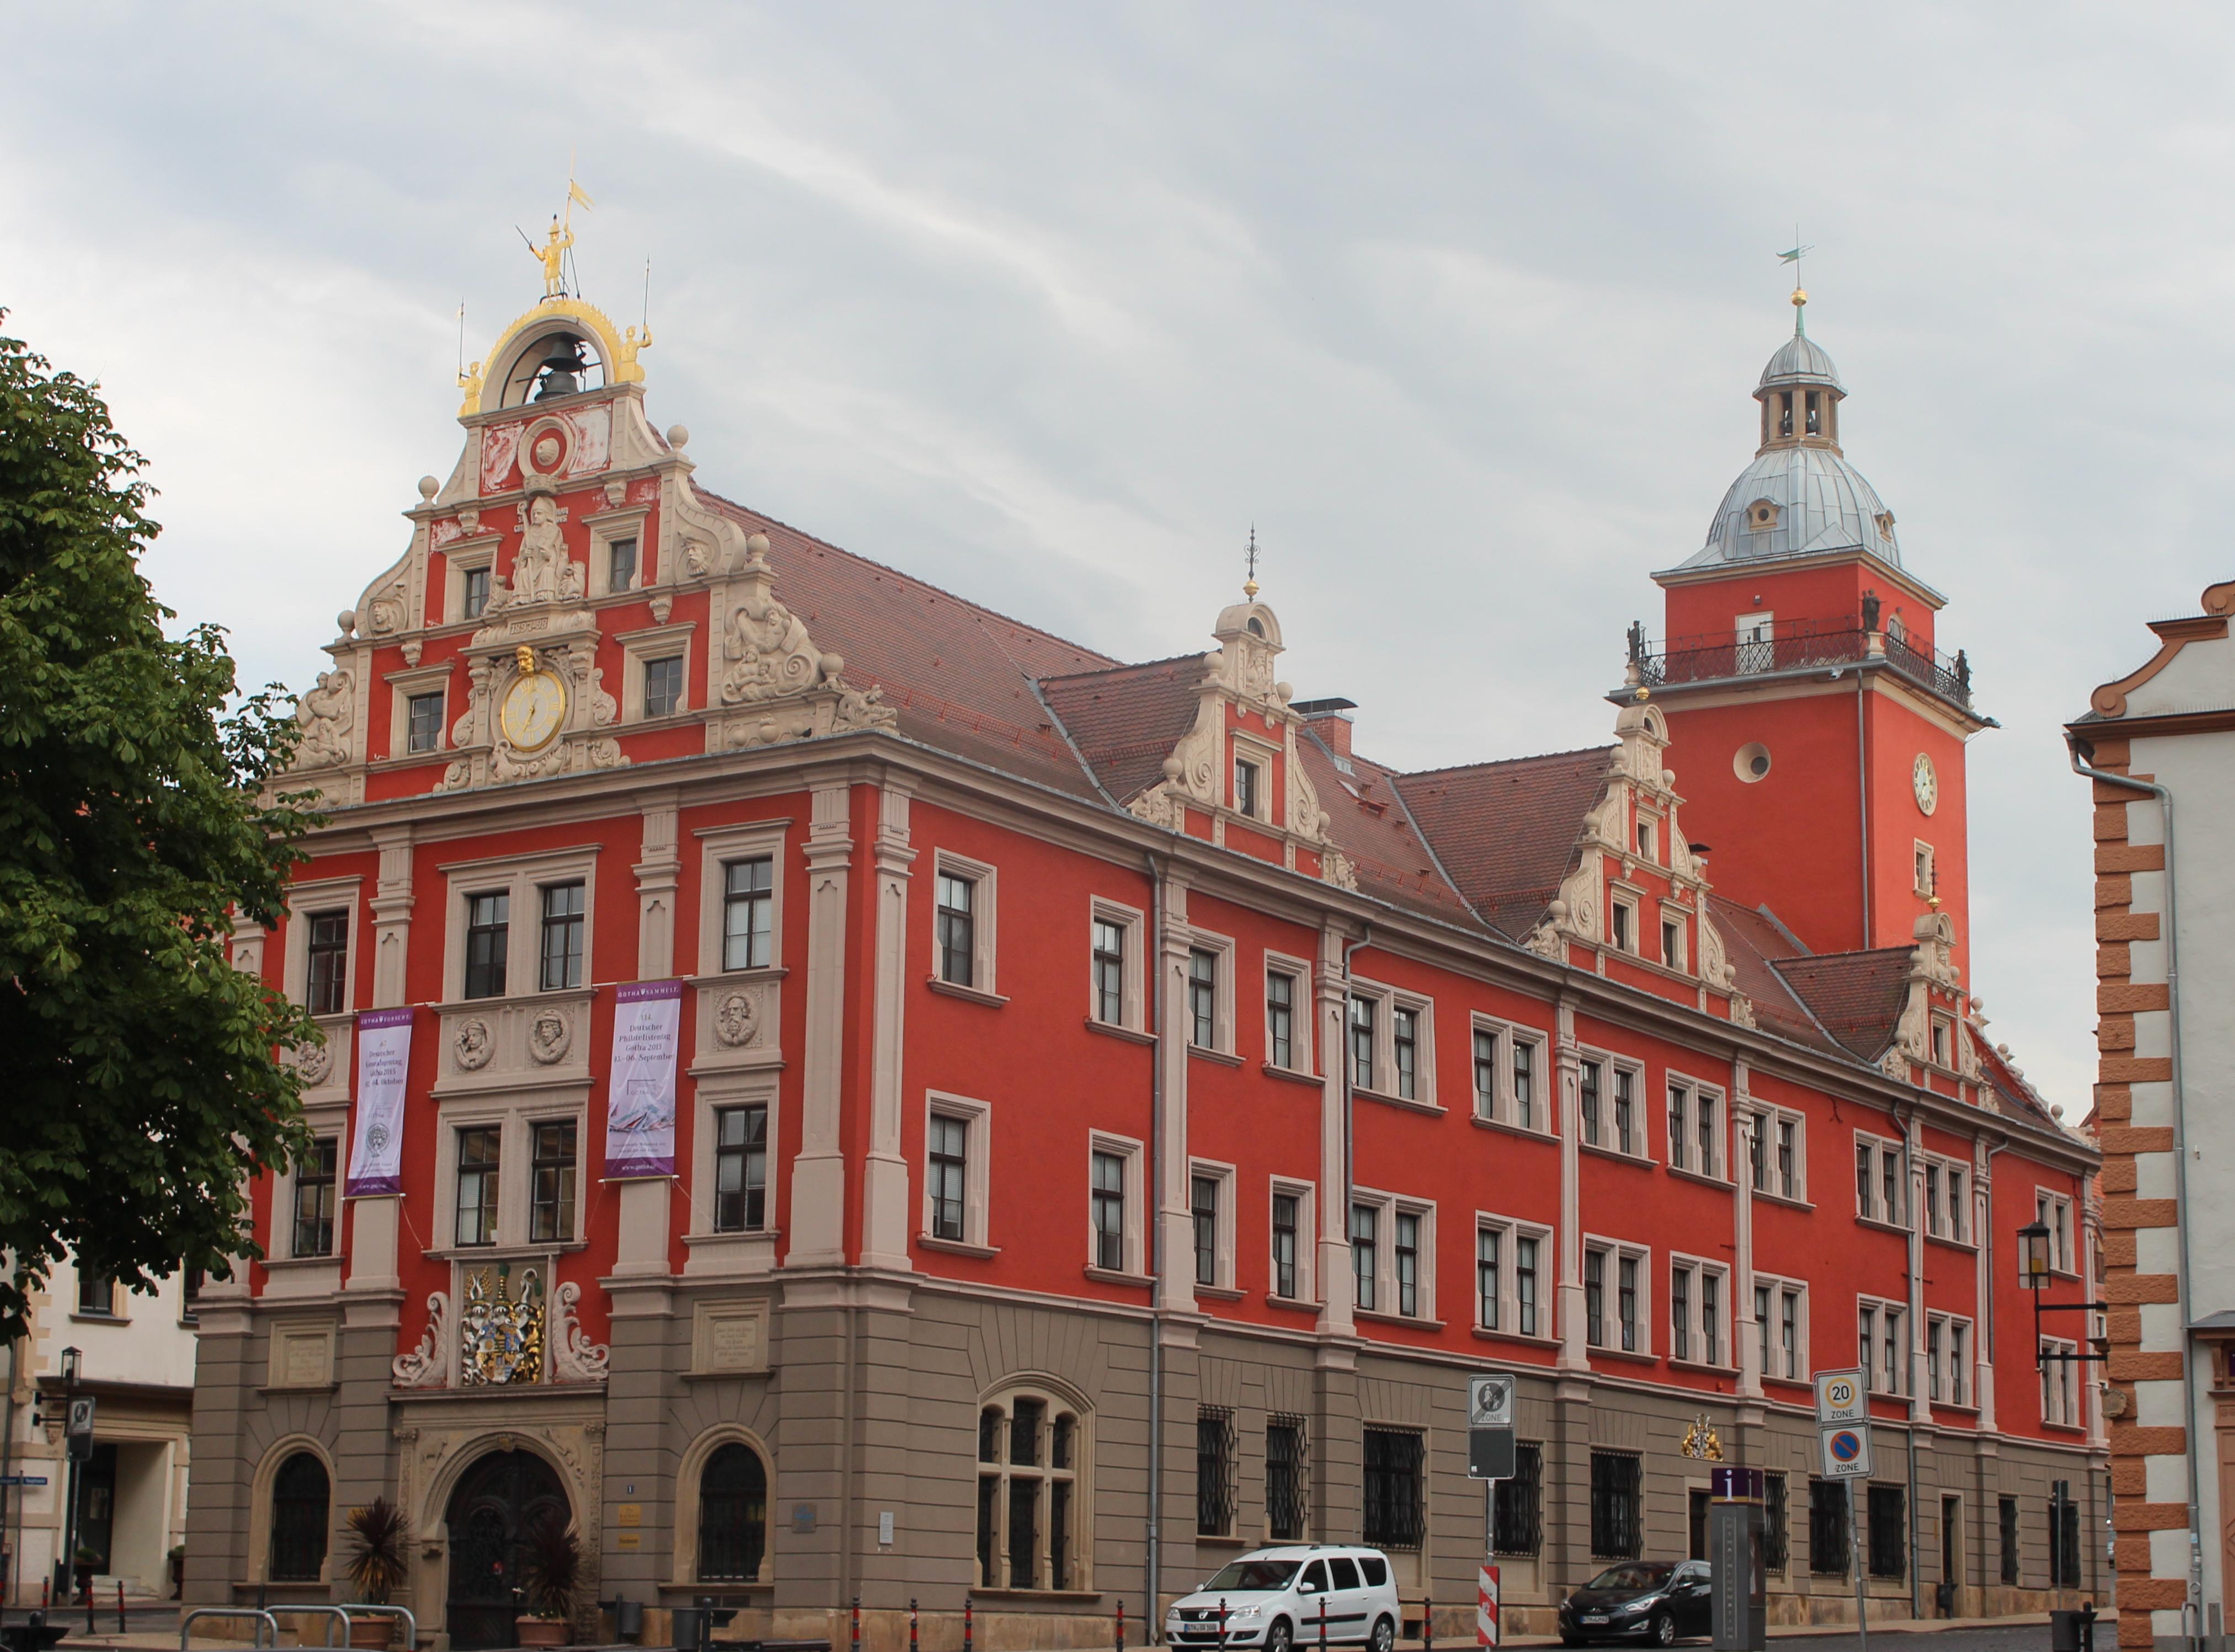 Bad Salzungen station